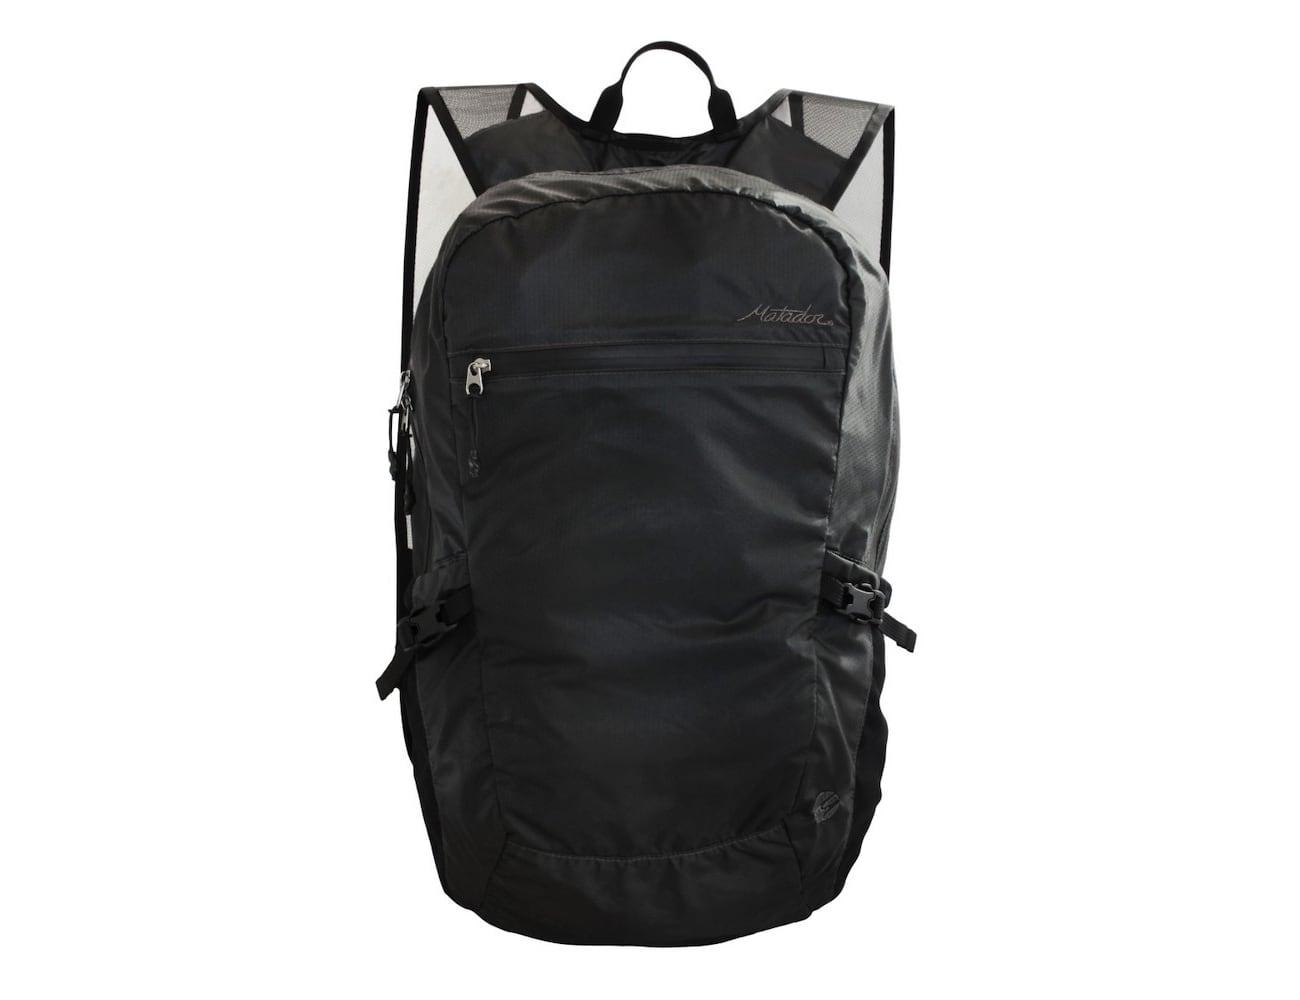 b39cc4dbb2 Matador Freefly16 Waterproof Packable Daypack » Gadget Flow